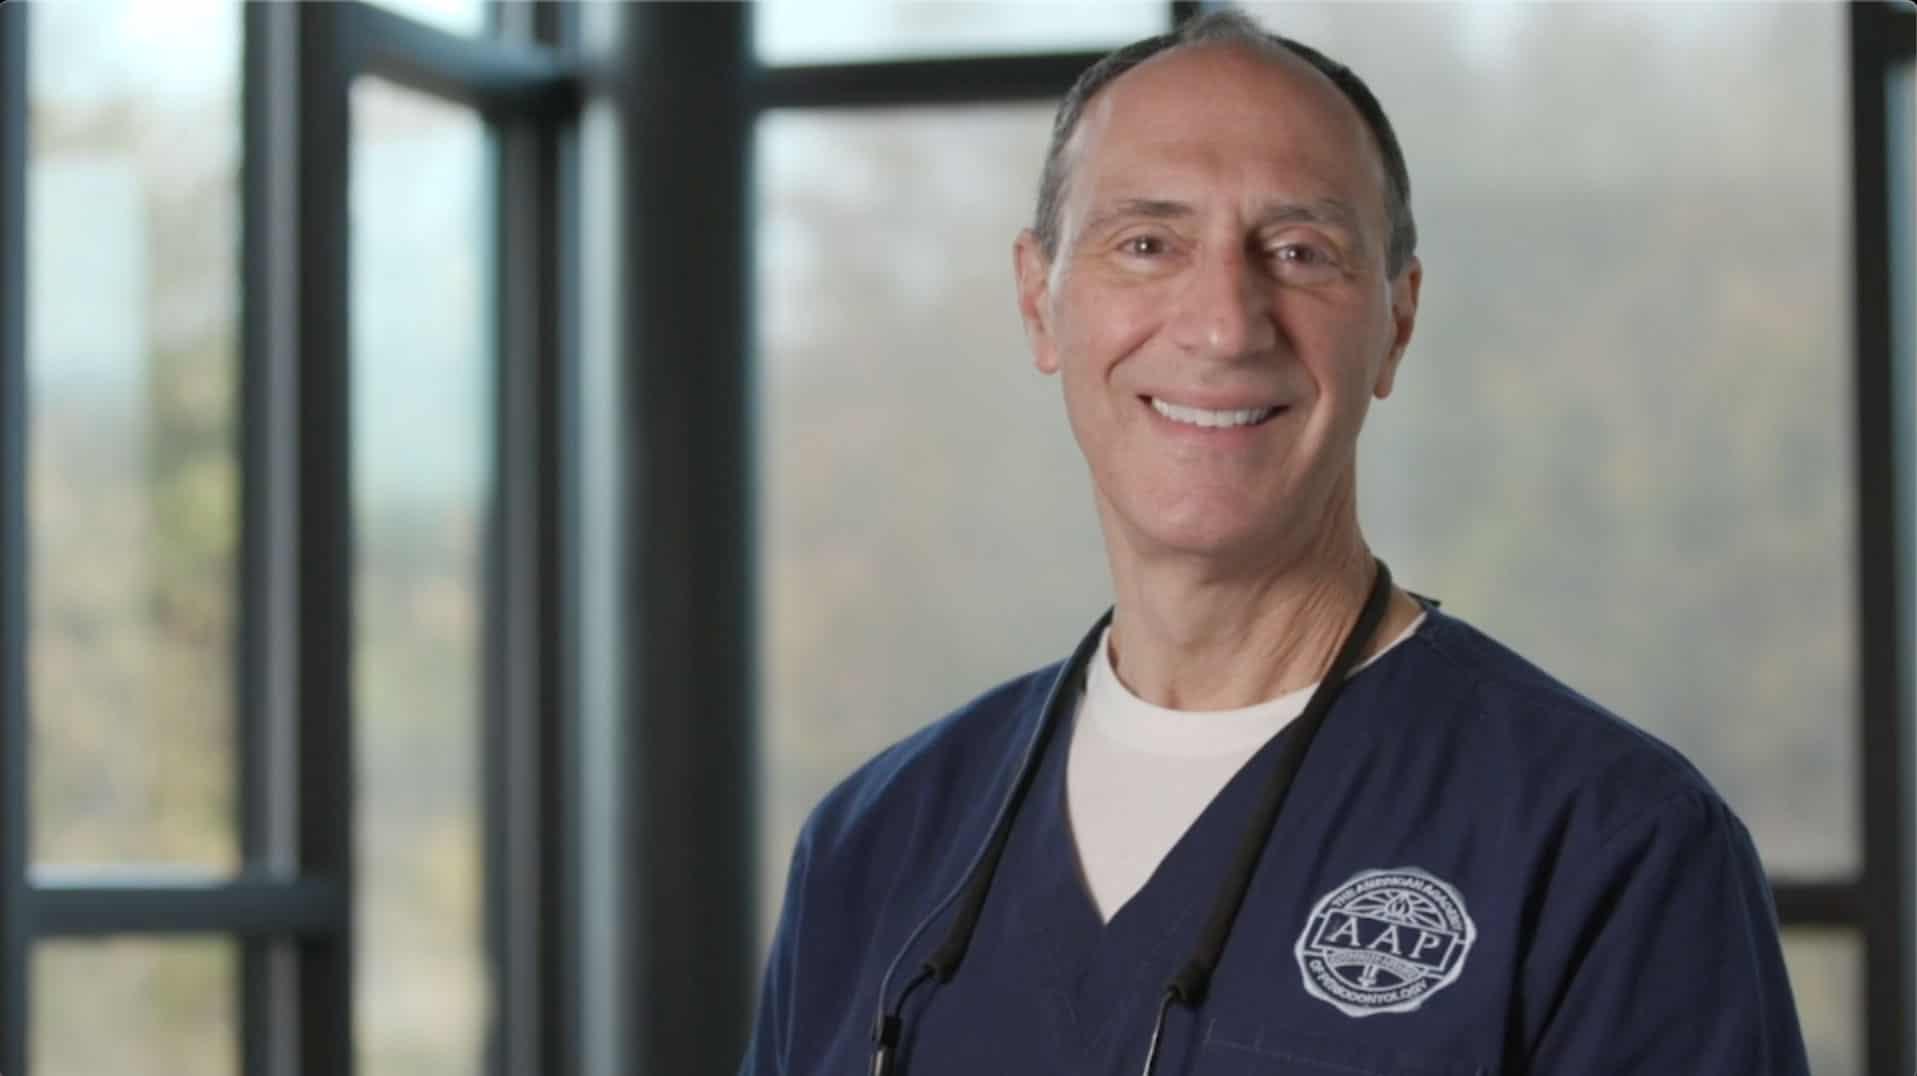 Dr. John Nikas